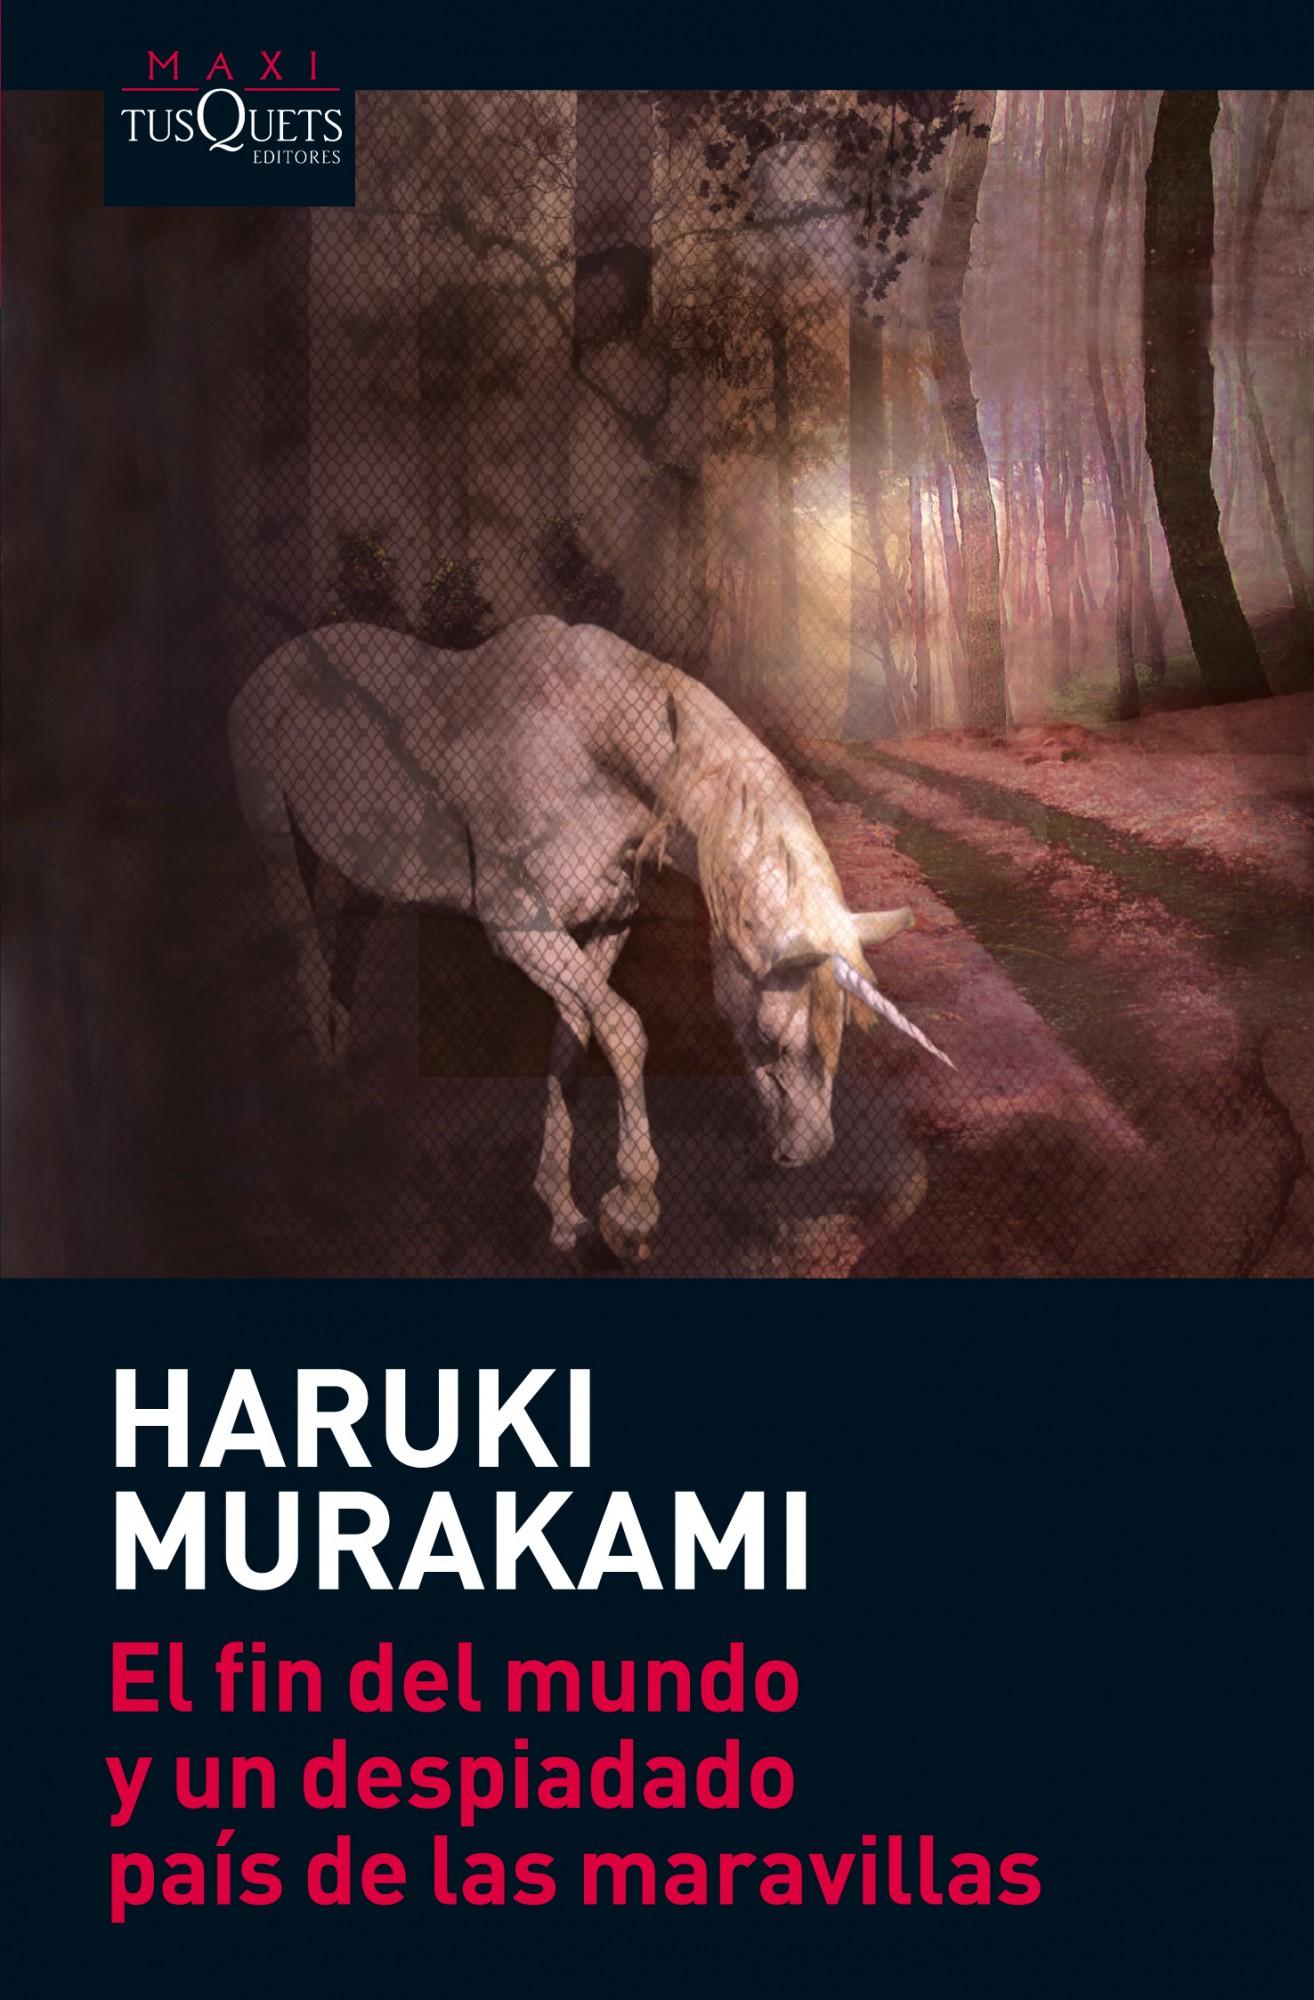 el fin del mundo y un despiadado pais de las maravillas-haruki murakami-9788483835807